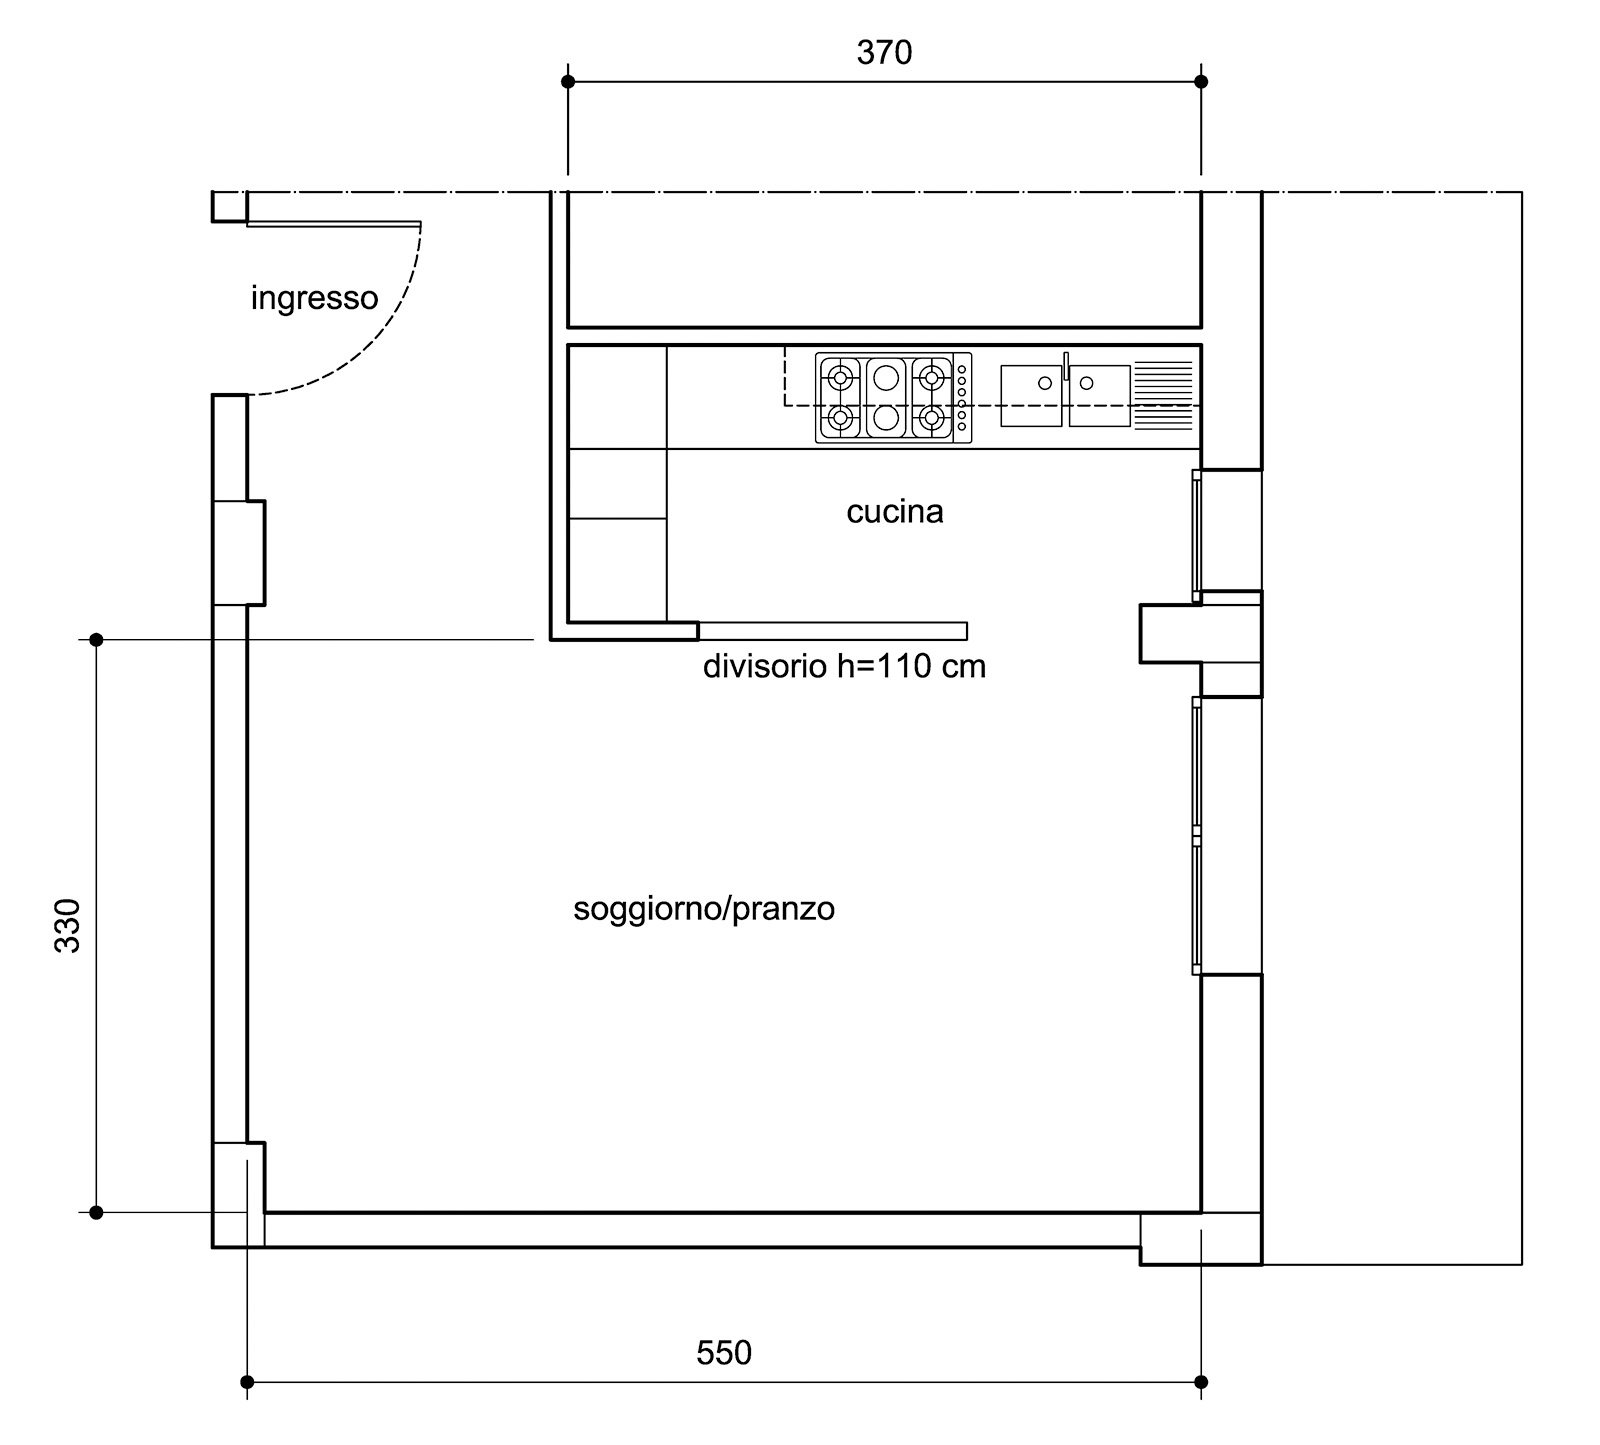 Arredare Il Soggiorno Zona Pranzo Con Cucina A Vista Cose Di Casa #4A4A4A 1600 1445 Arredare Soggiorno Cucina A Vista